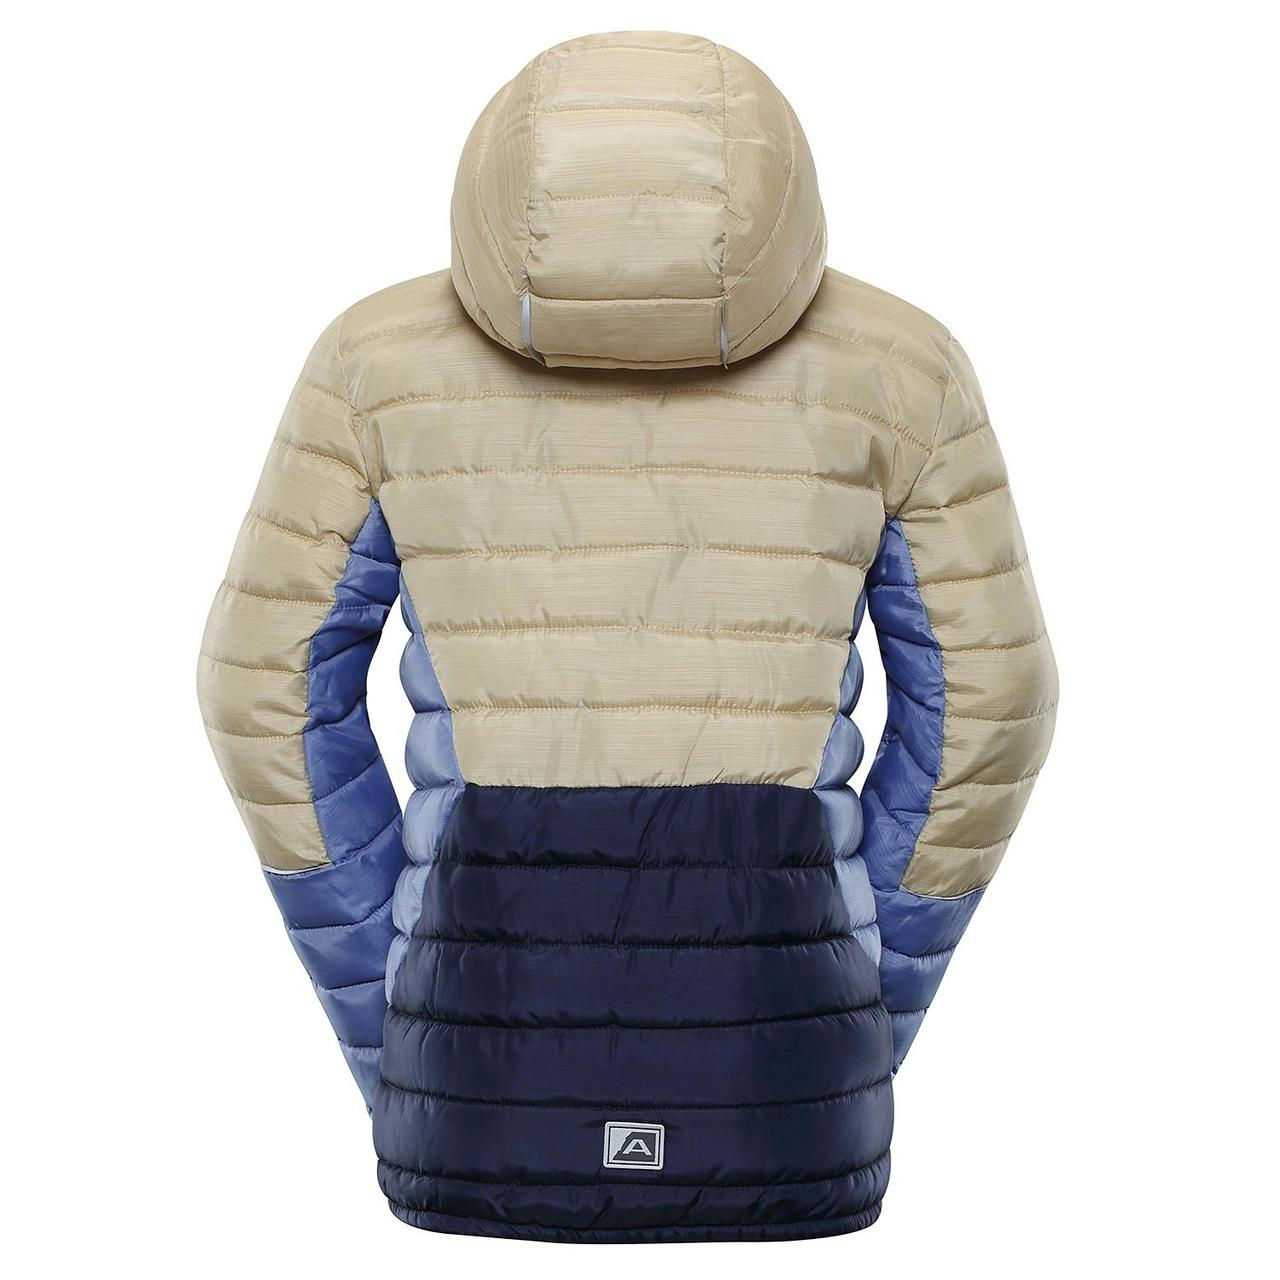 Куртка BARROKO 140-146, бежевый - фото 2